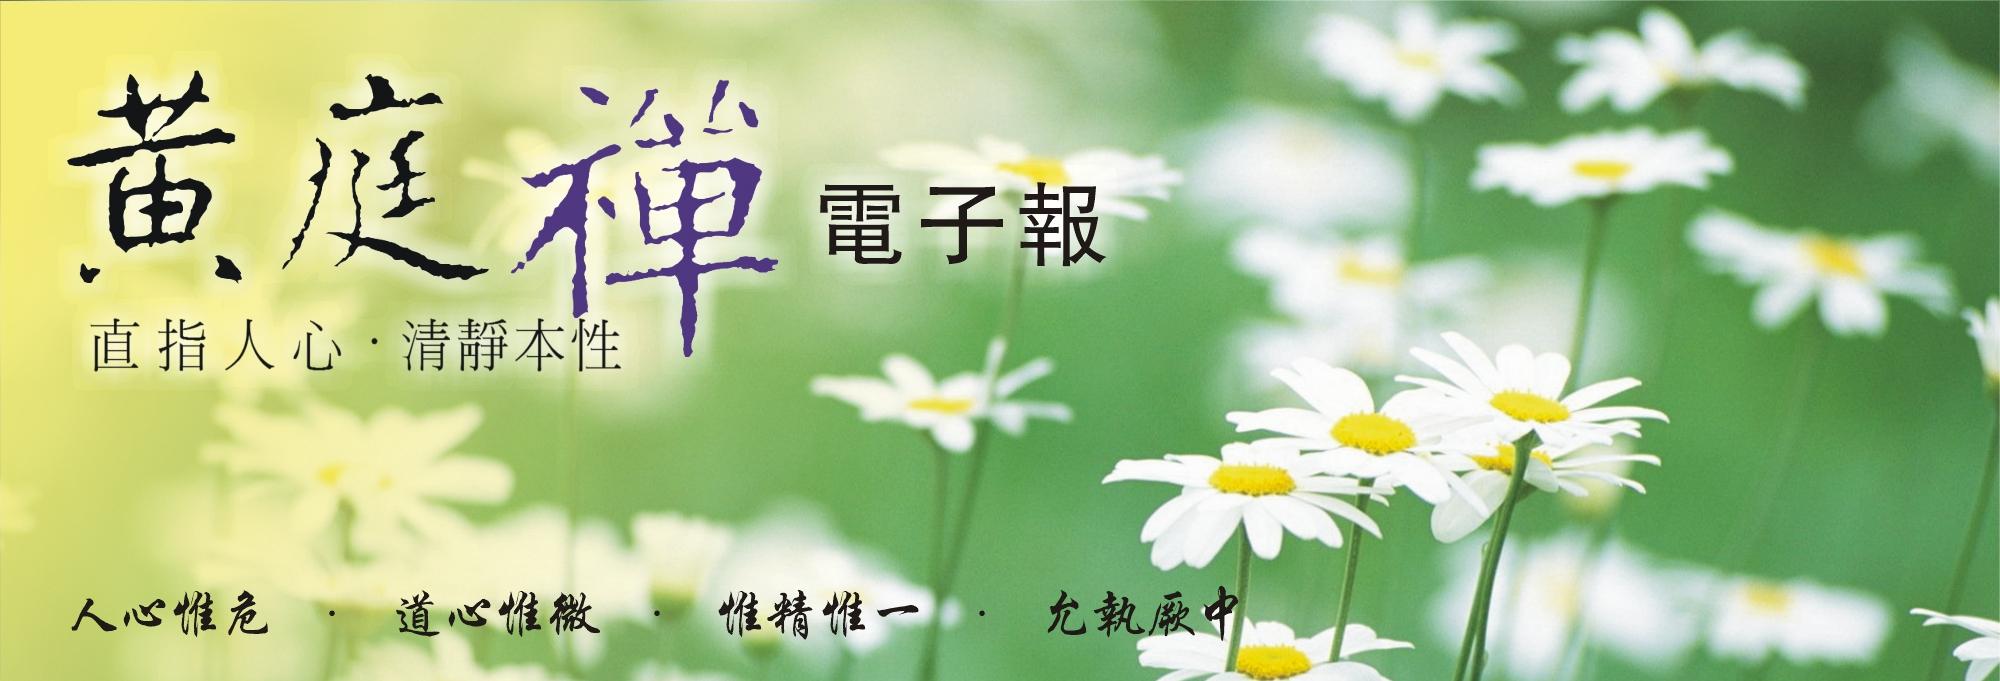 中华黄庭禅学会2014.07.11电子报